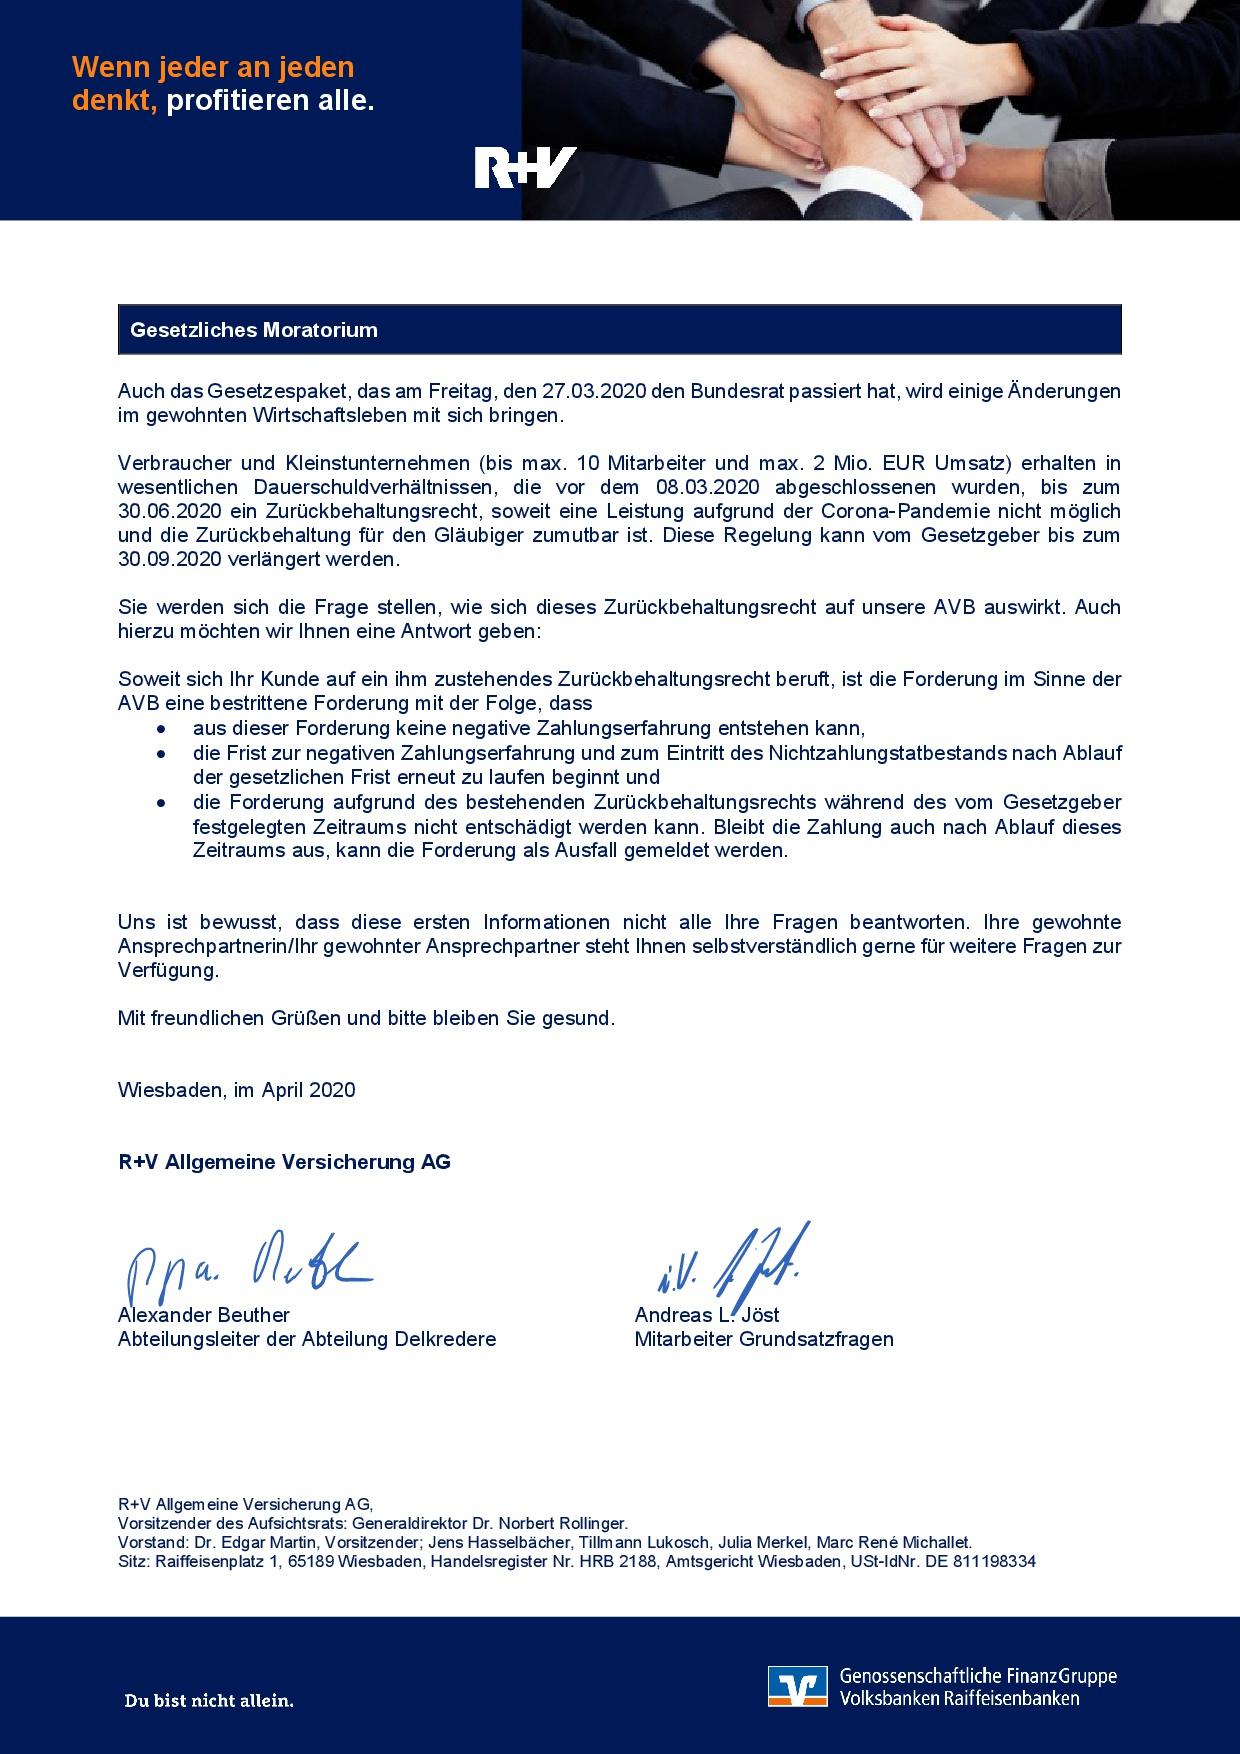 20200417 R+V Informationsschreiben Corona Kreditversicherung S2